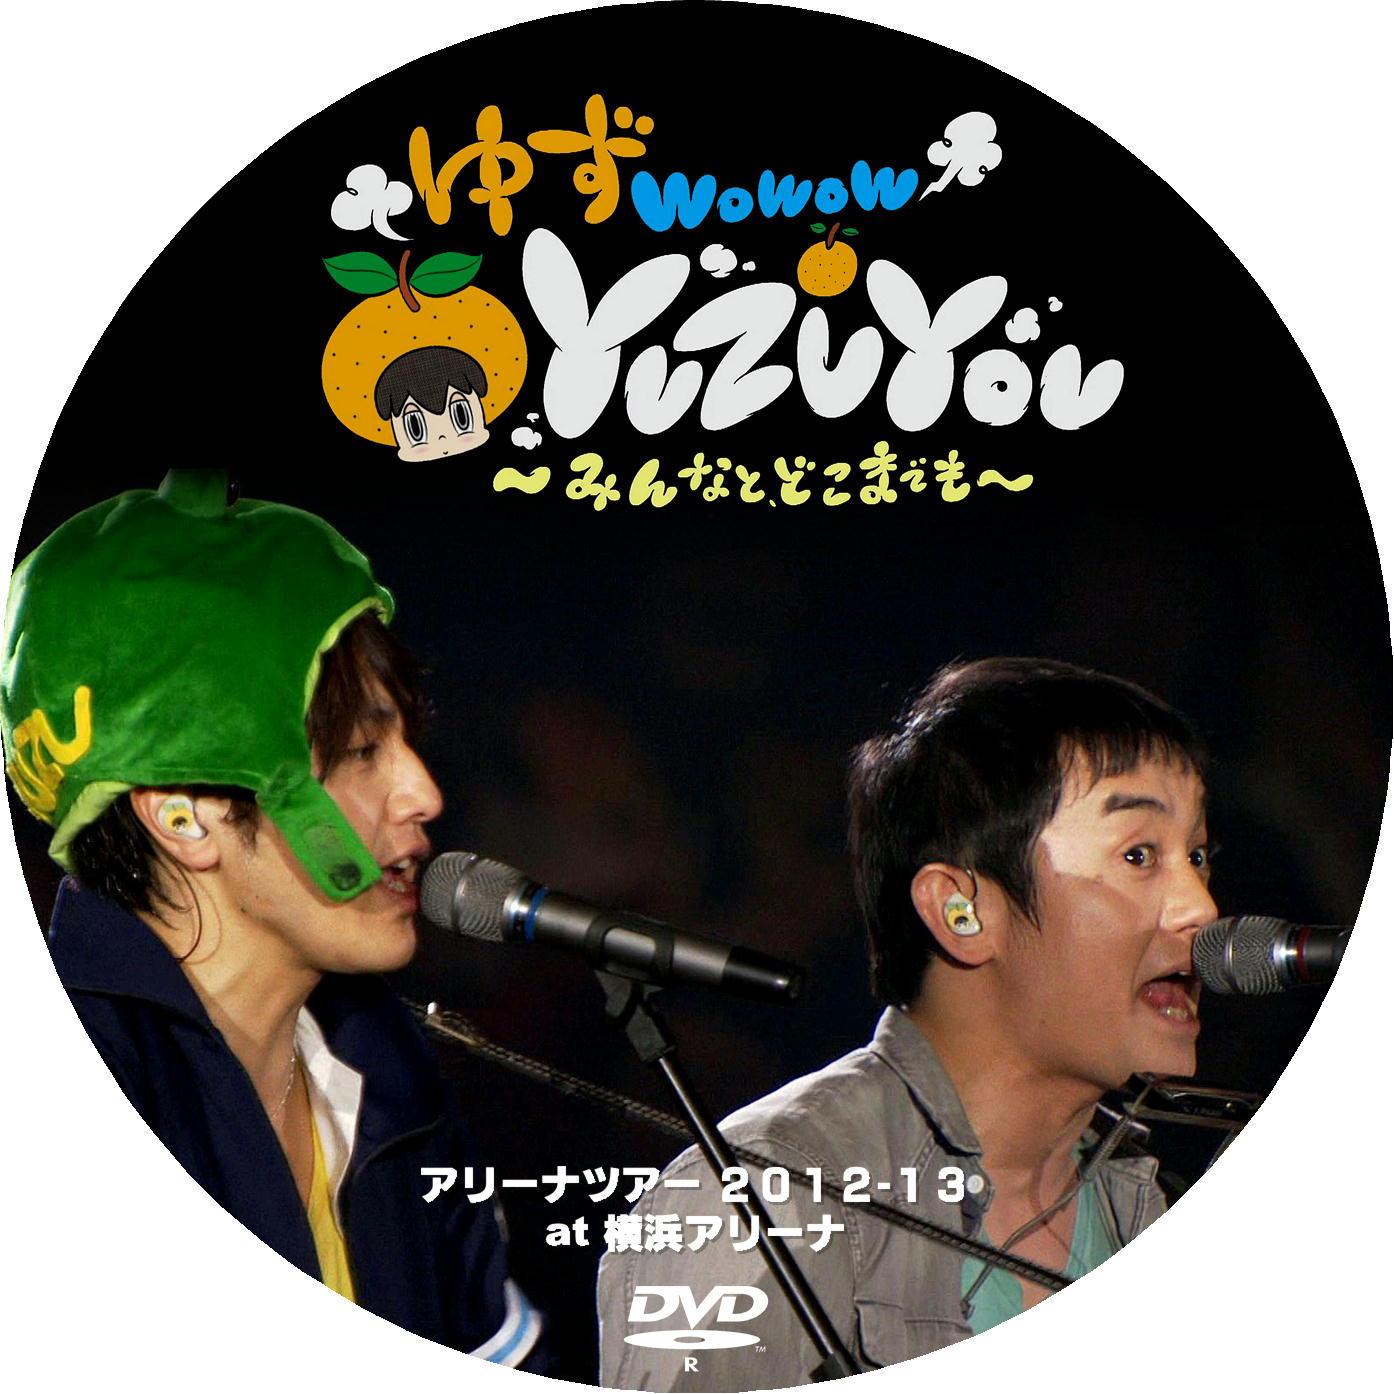 ゆず Live DVDラベル4